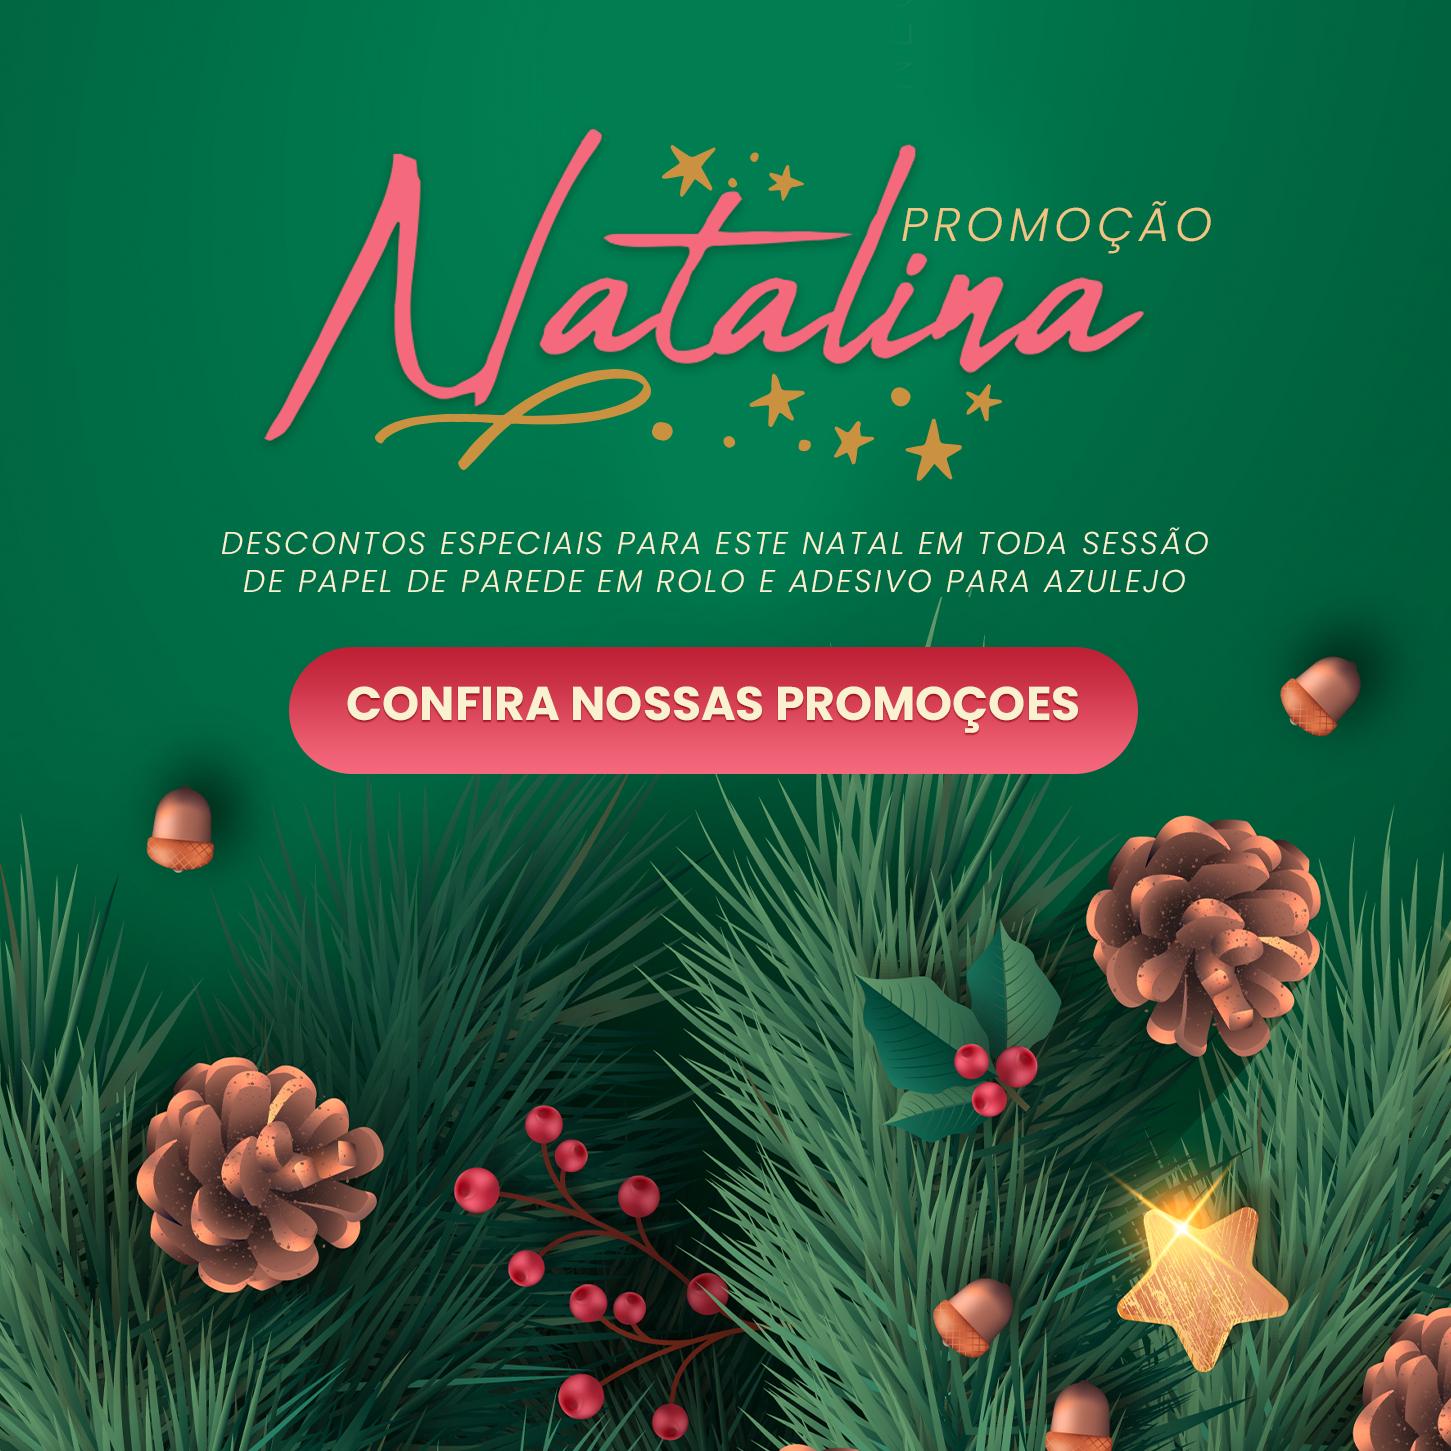 Promoção Natalina